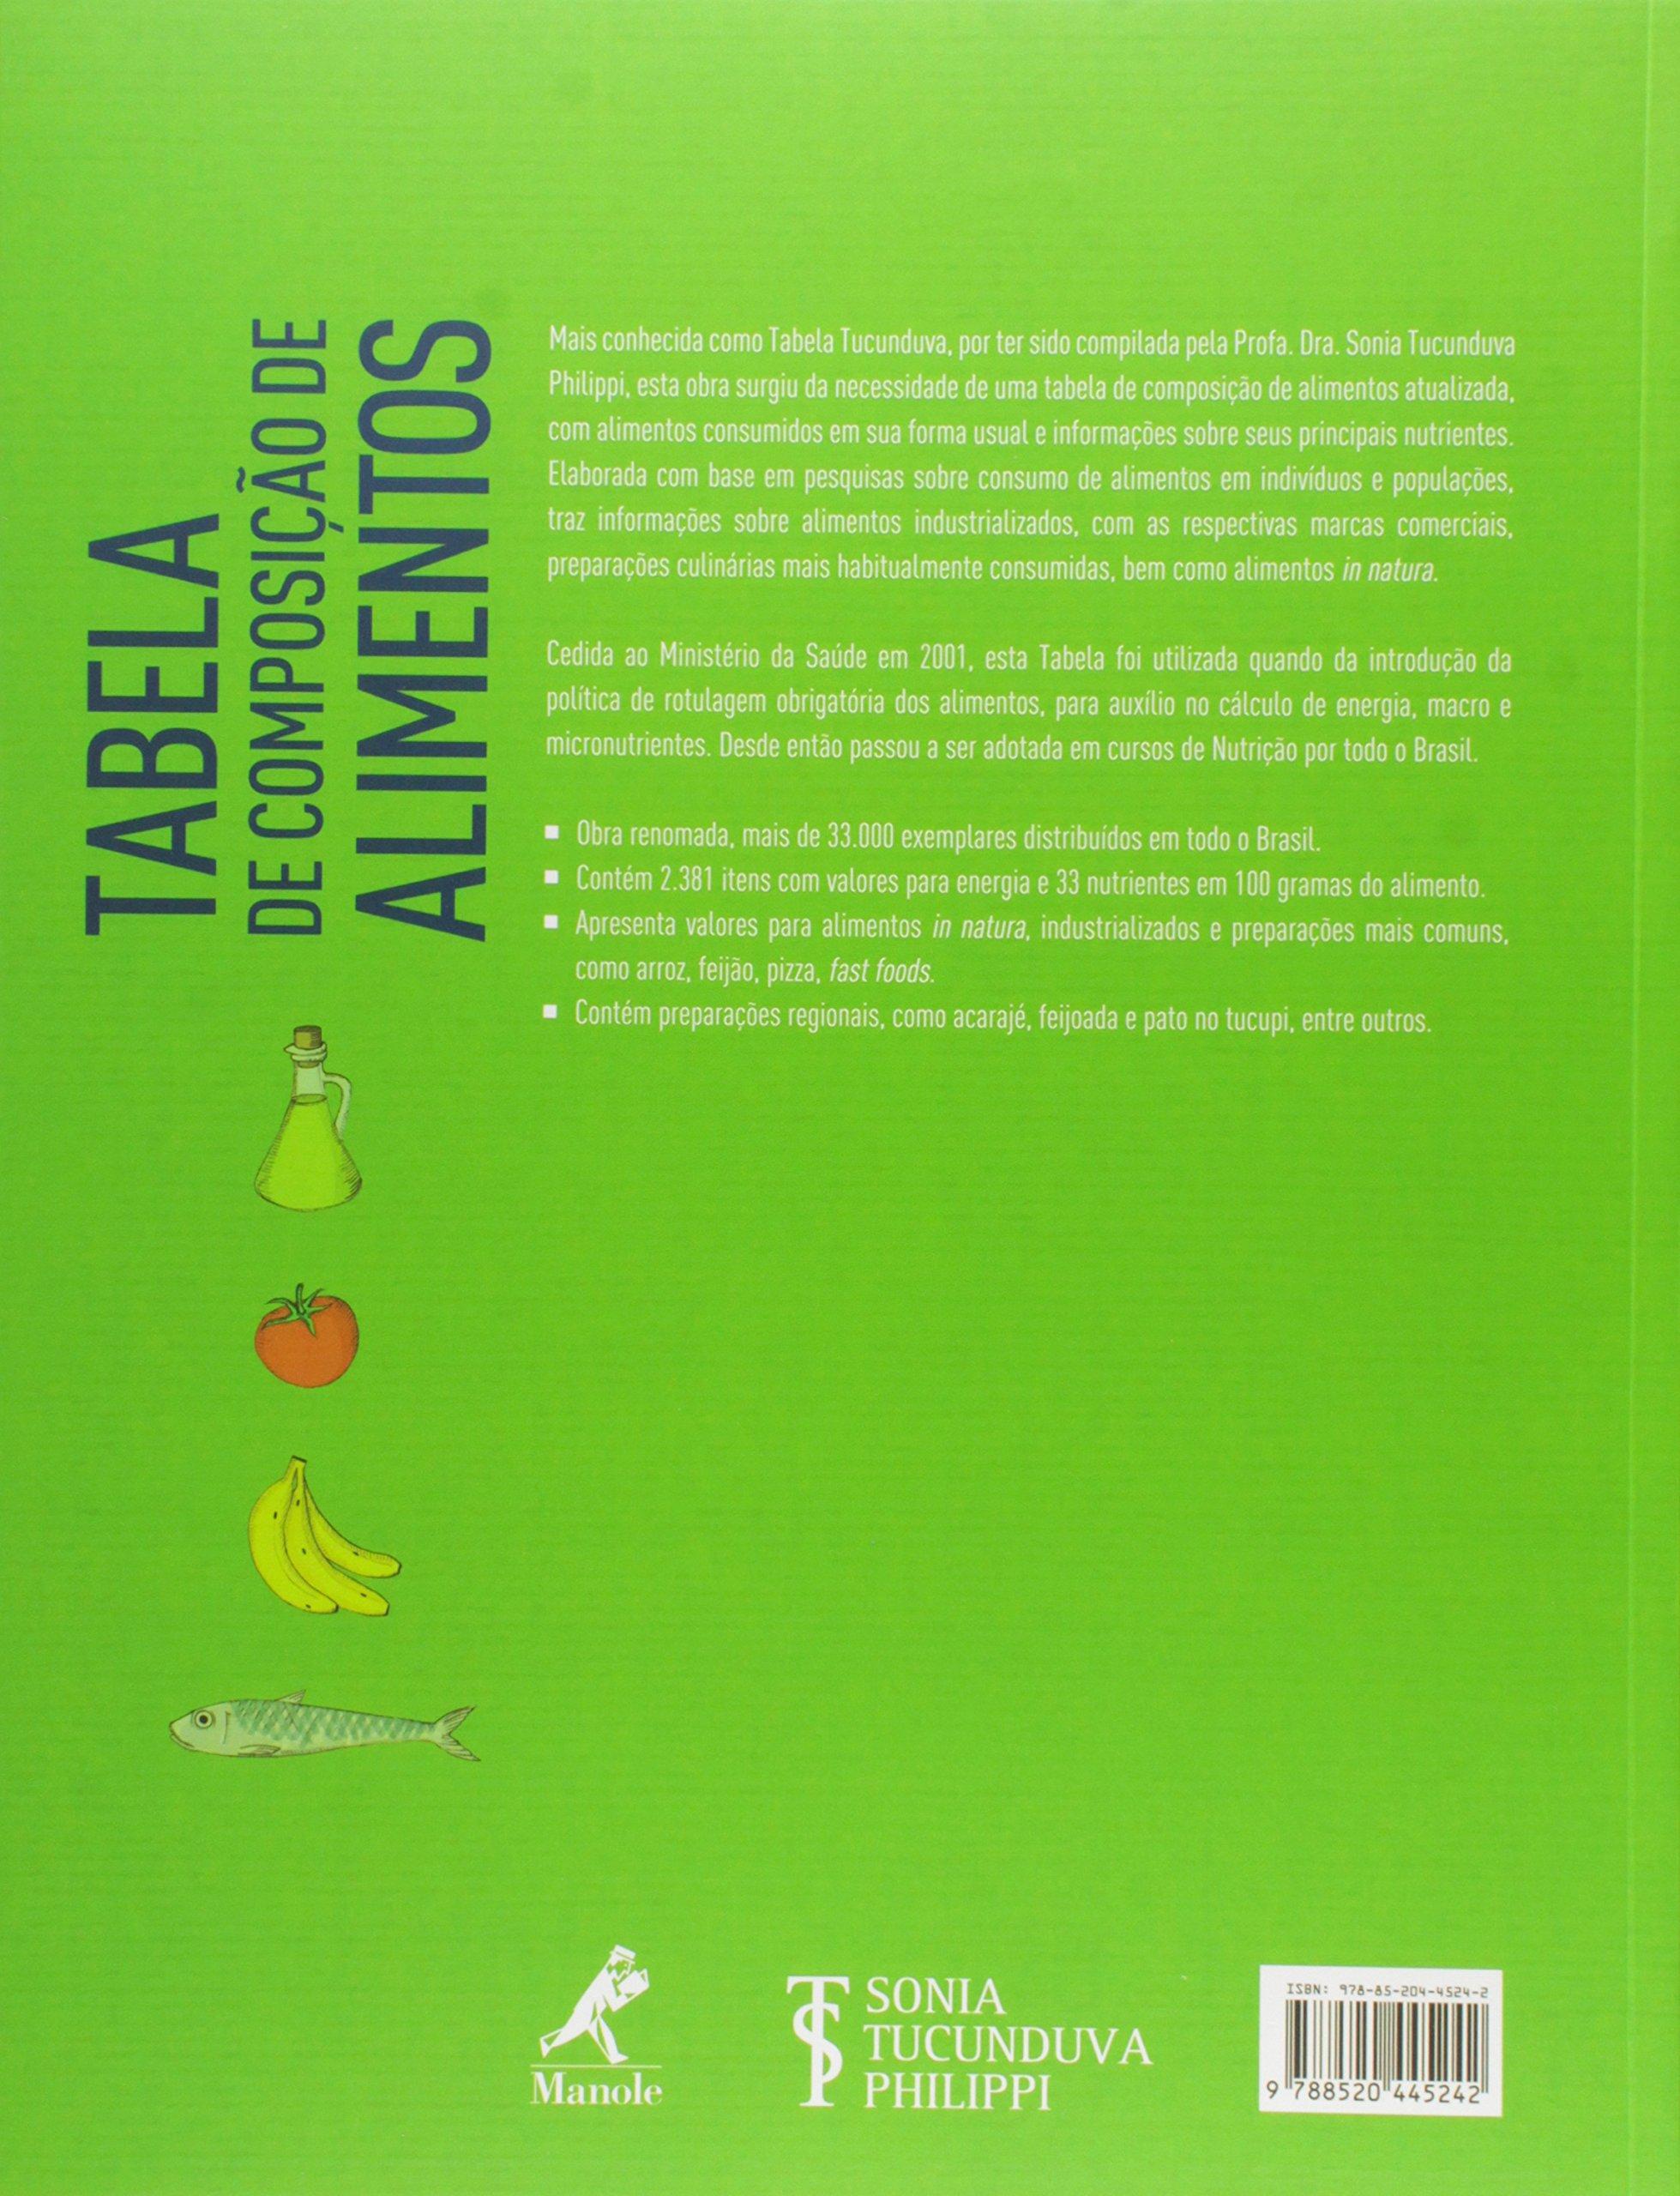 tabela de composio de alimentos sonia tucunduva para